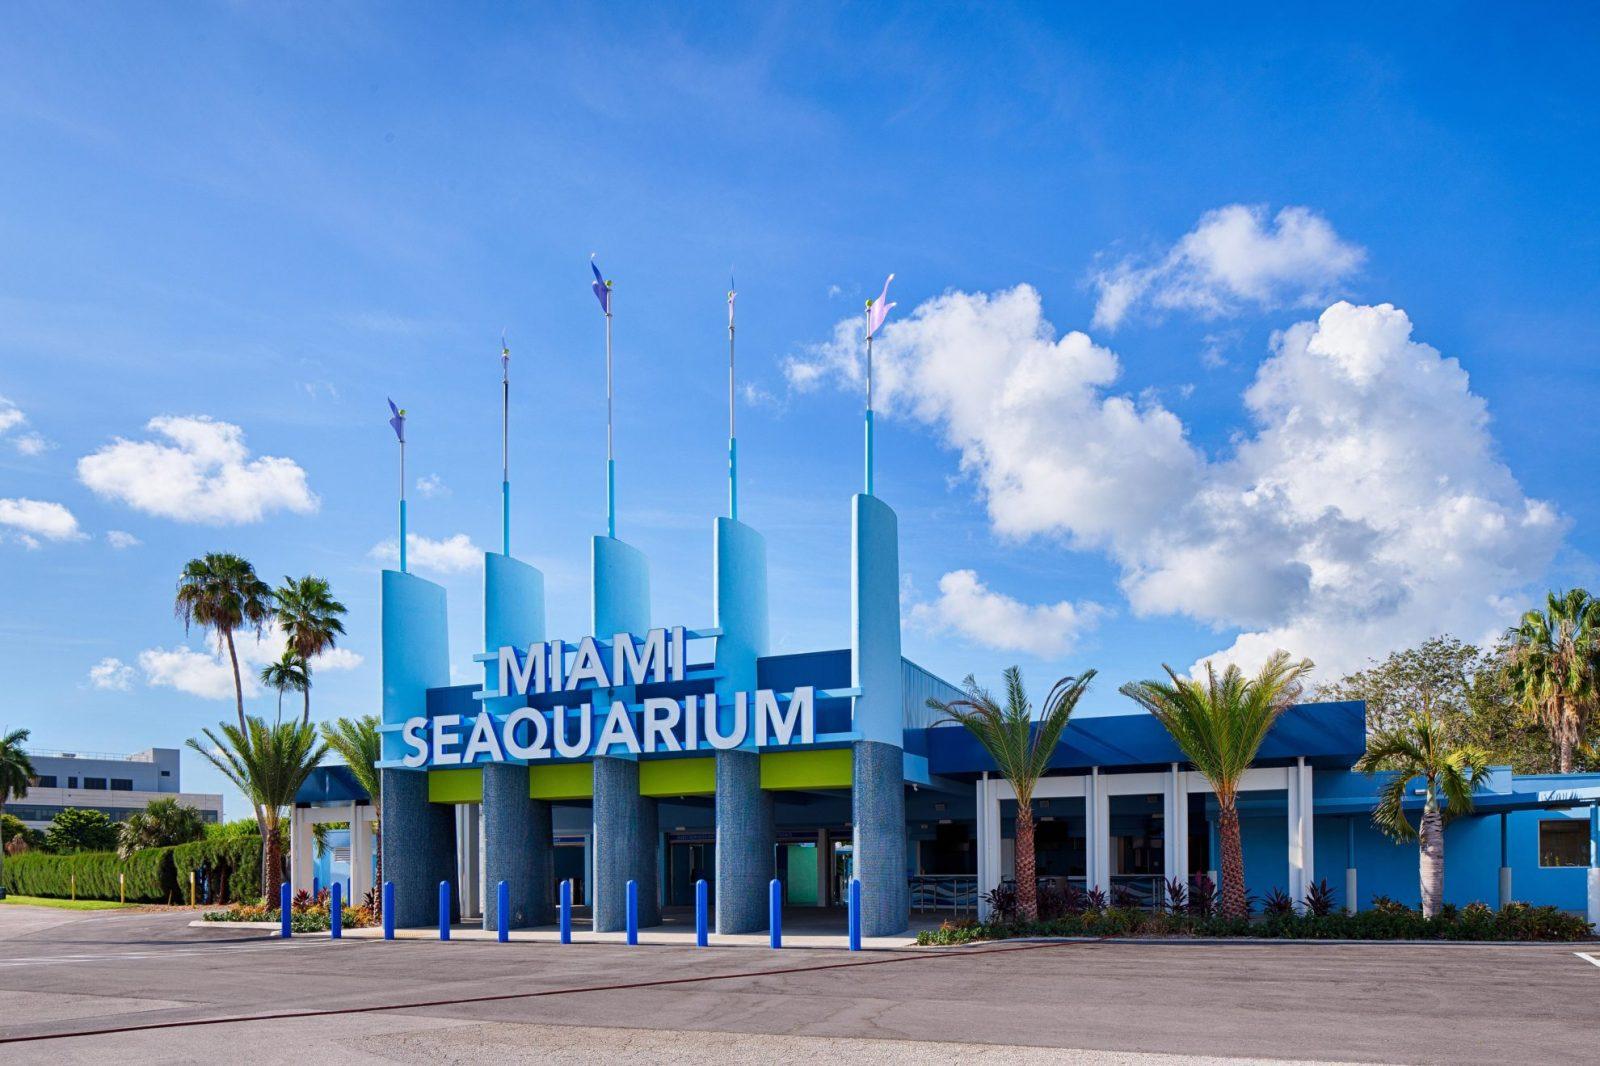 MiamiSeaquarium_007